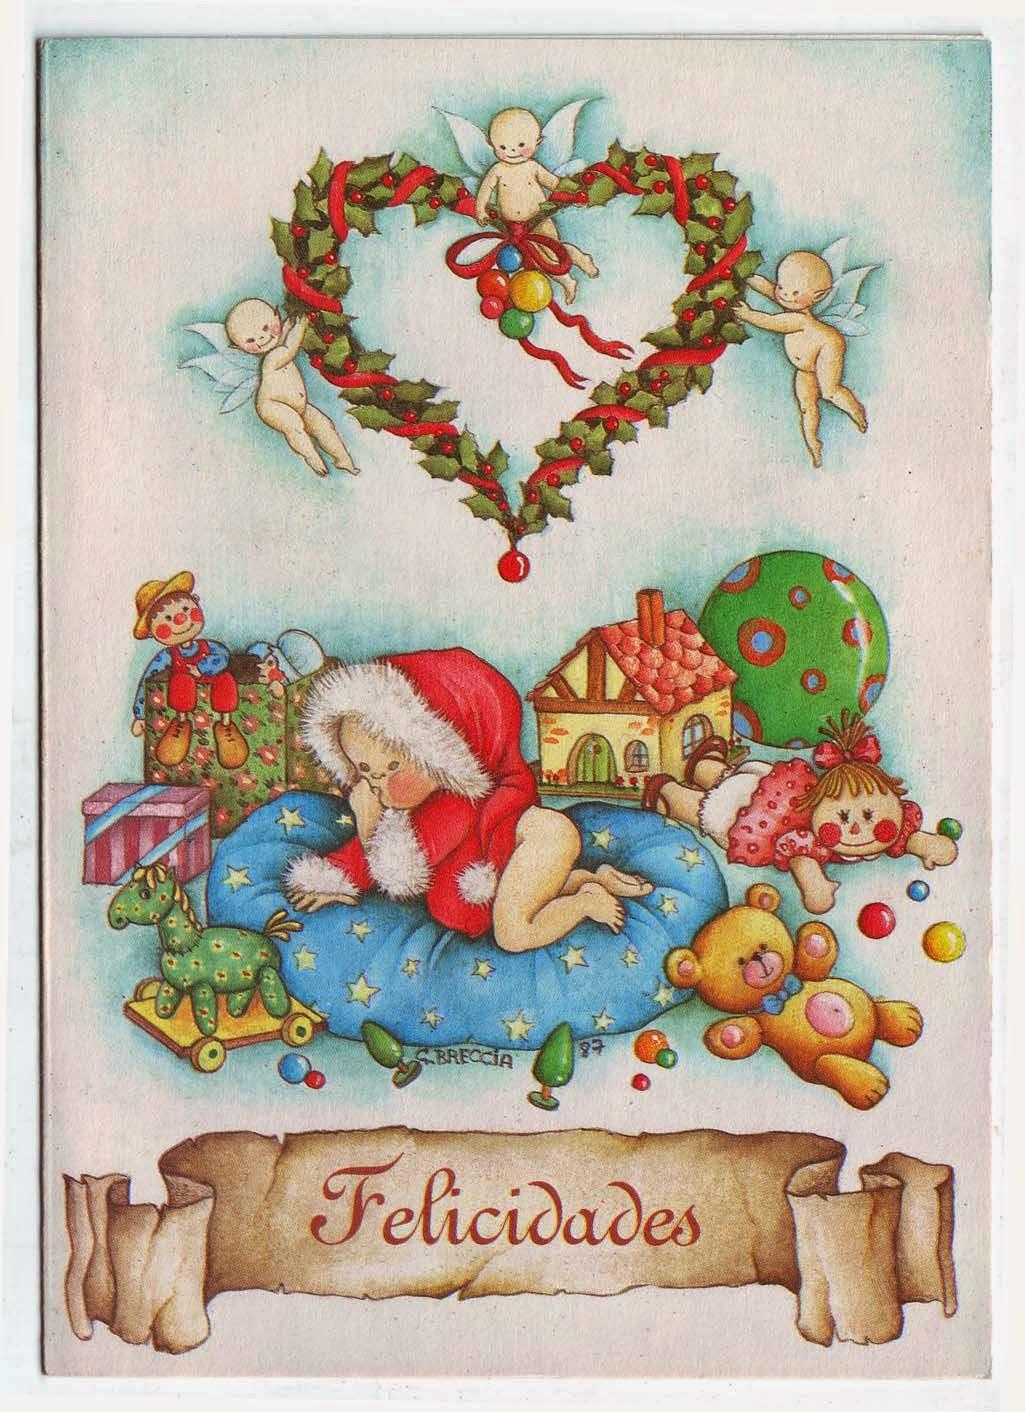 Cristina breccia mu ecos y dibujos tarjetas navide as - Dibujos tarjetas navidenas ...